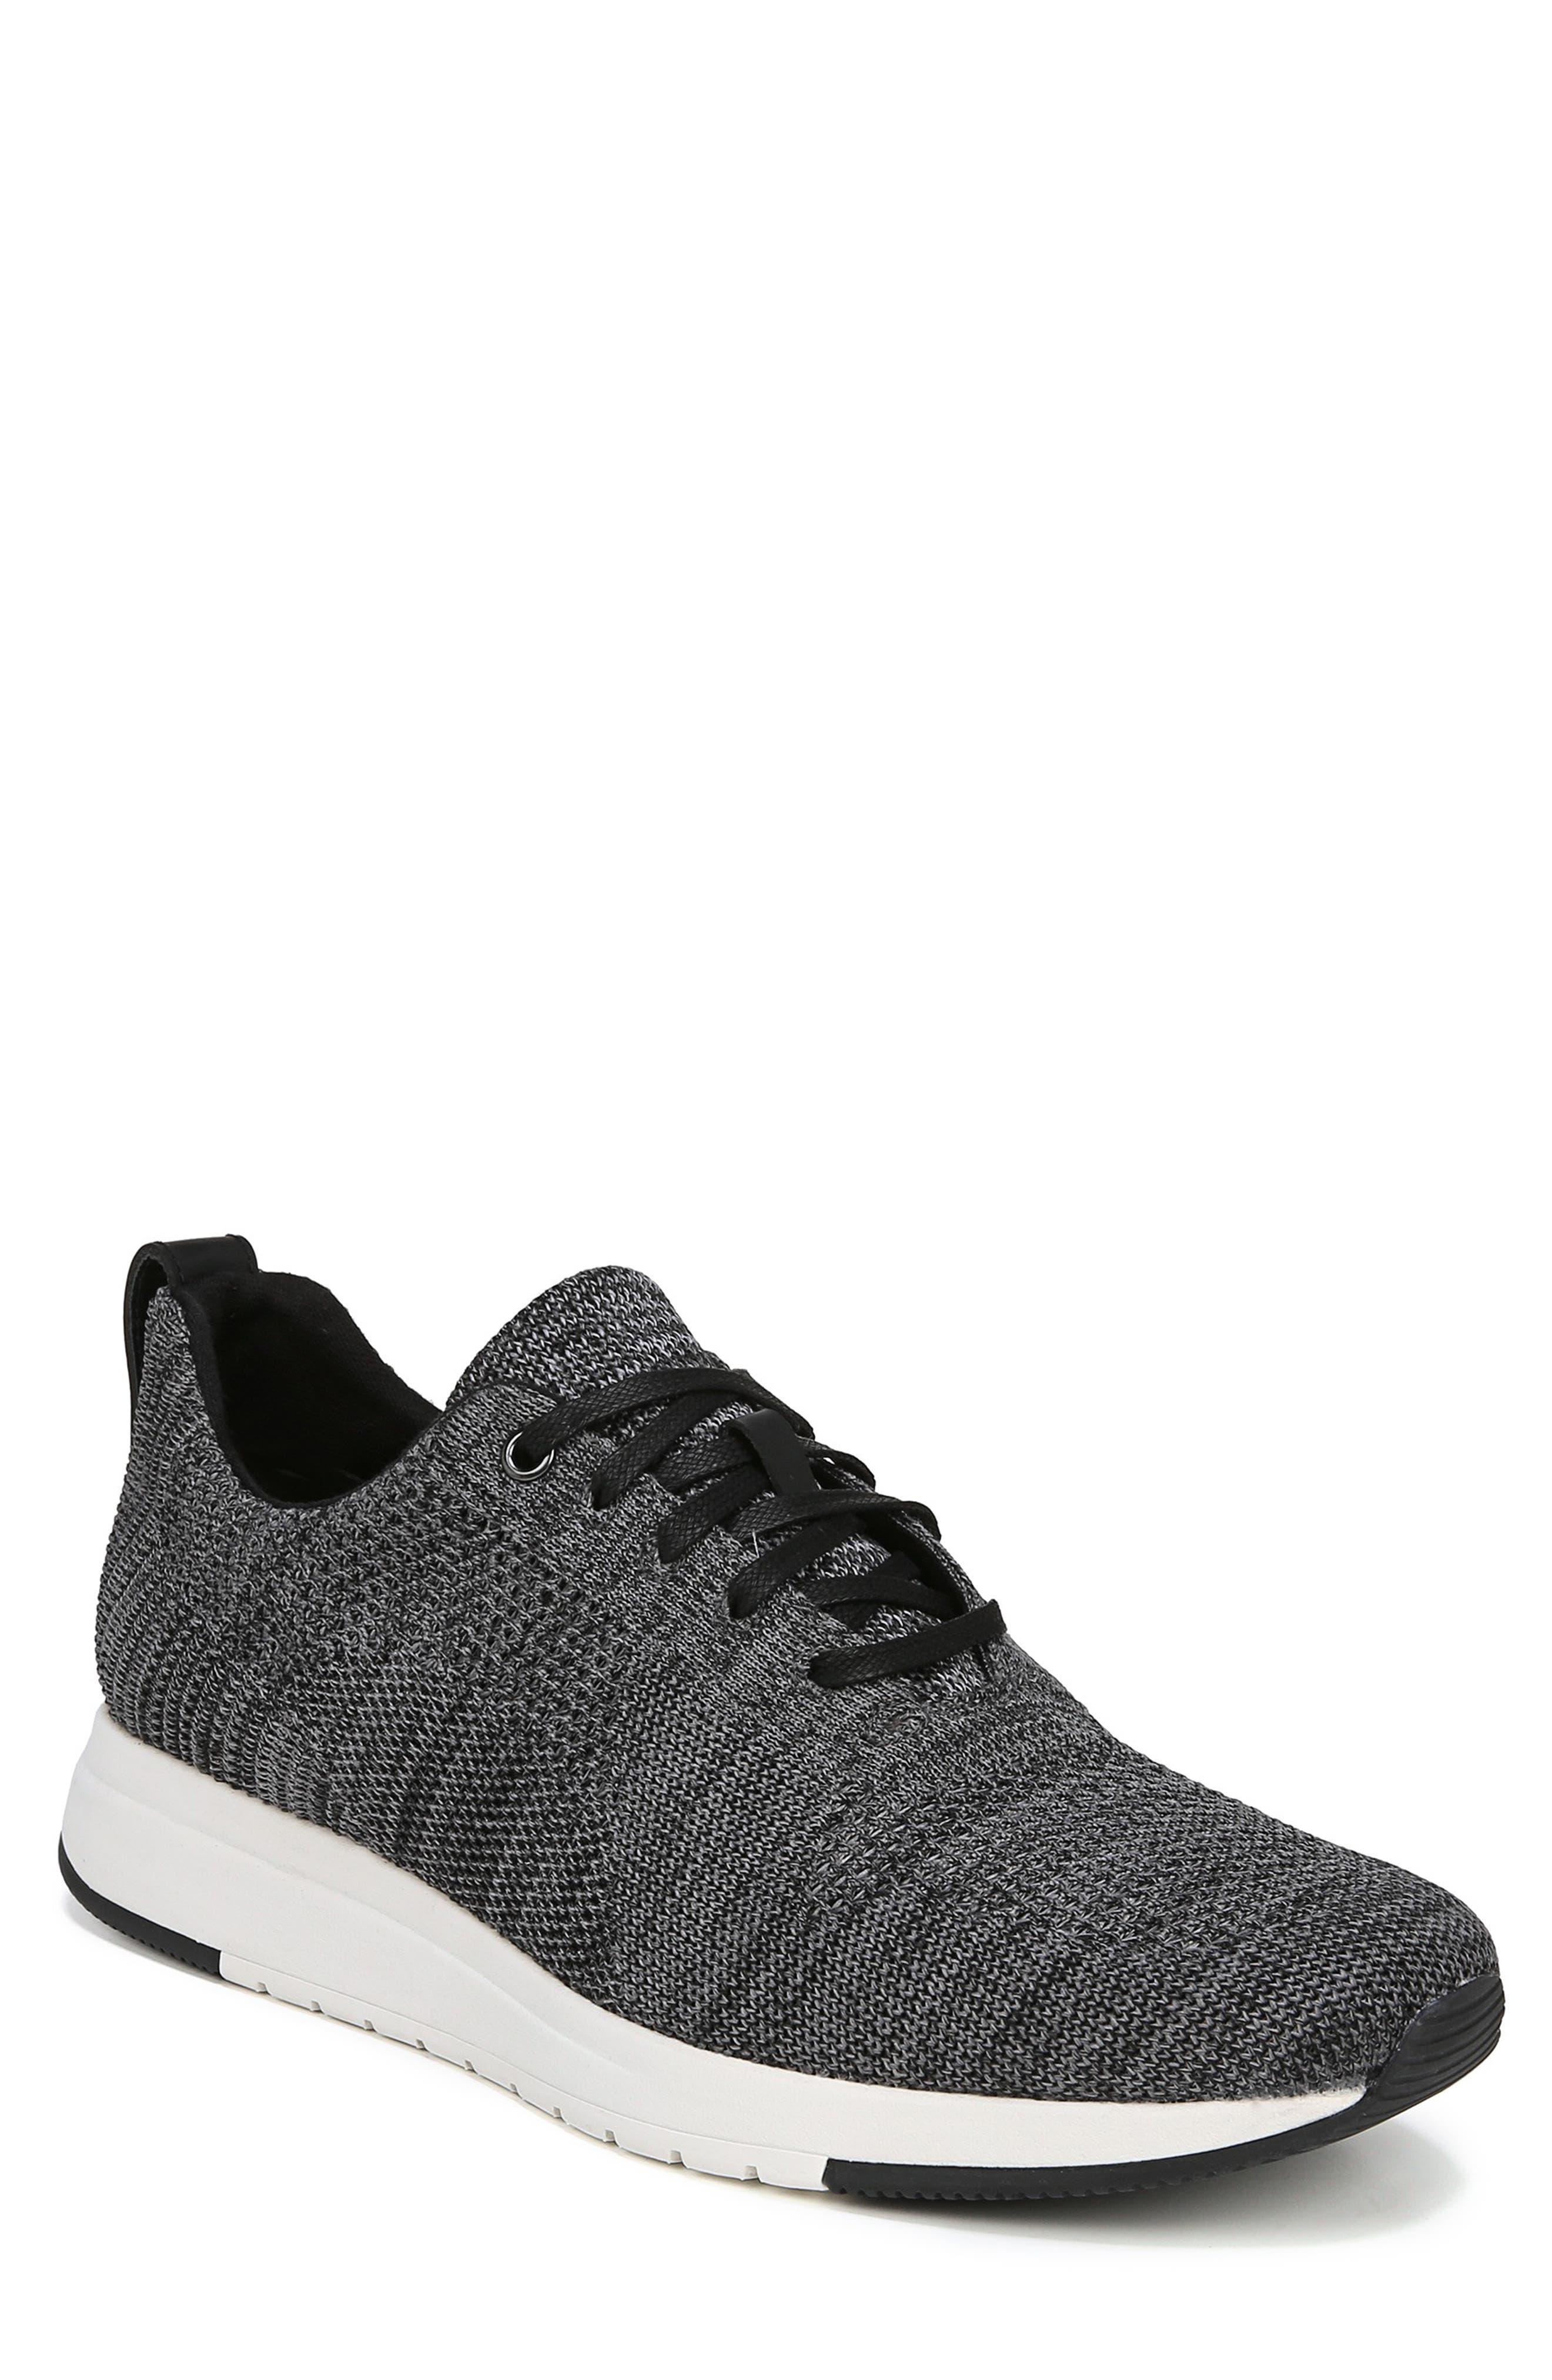 Palo Knit Sneaker,                             Main thumbnail 1, color,                             MARL GREY/ BLACK